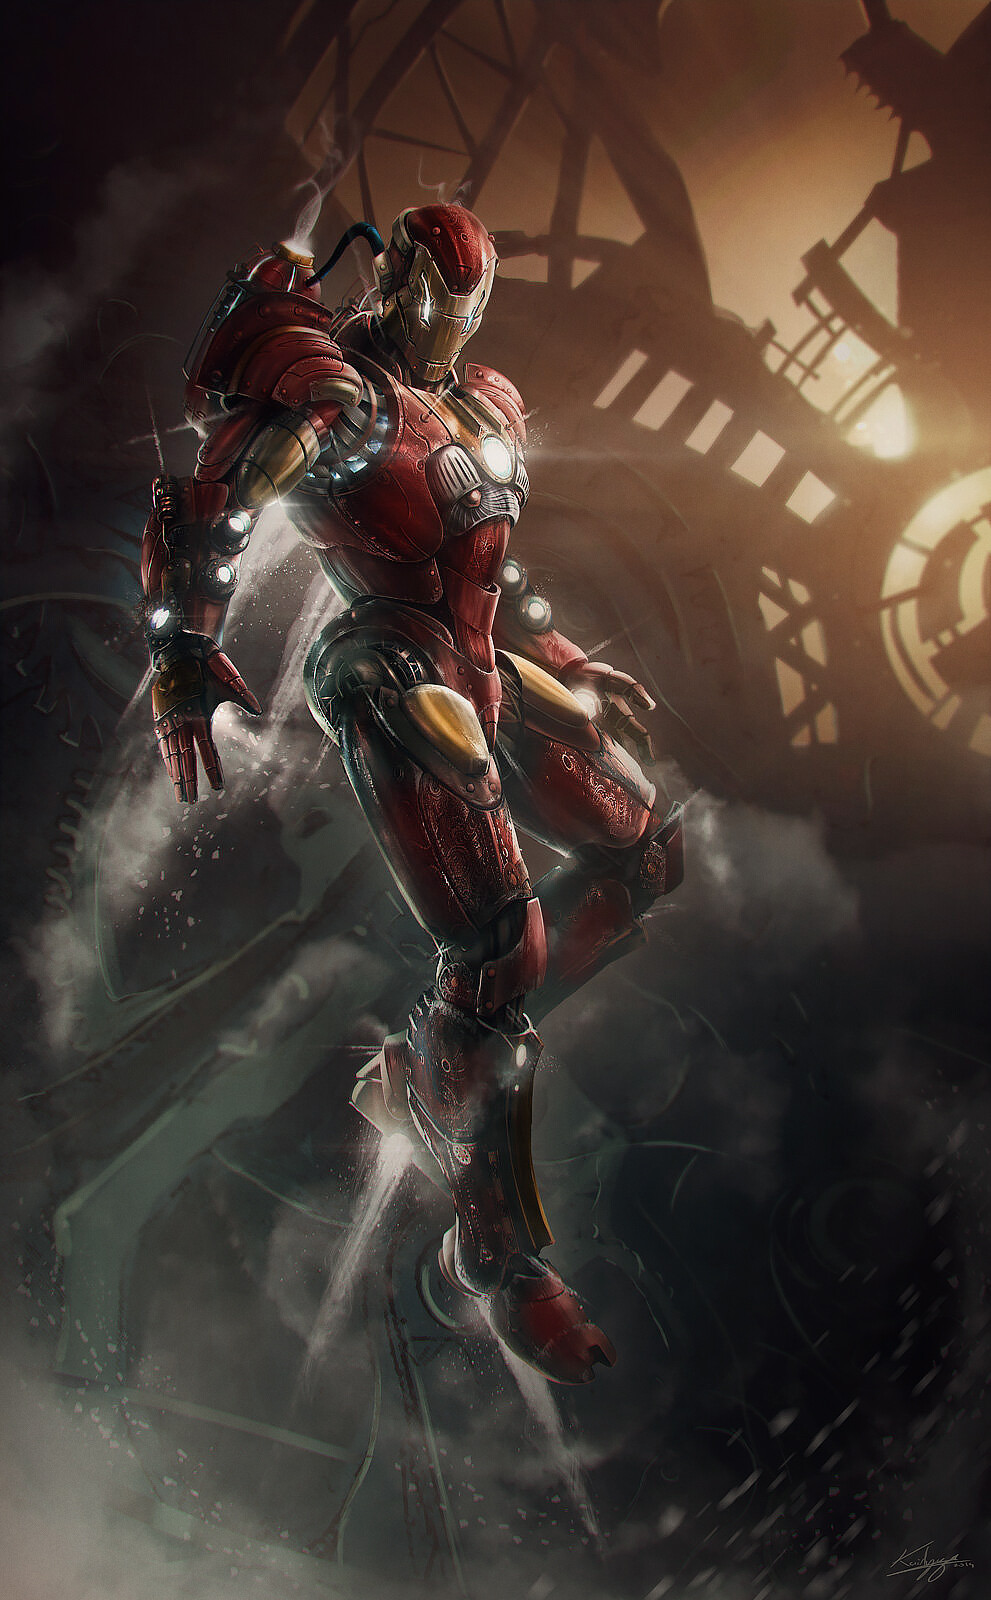 Steampunk Iron Man : steampunk, Thibault, Girard's, Folio,, Concept, Design., Steampunk, Ironman